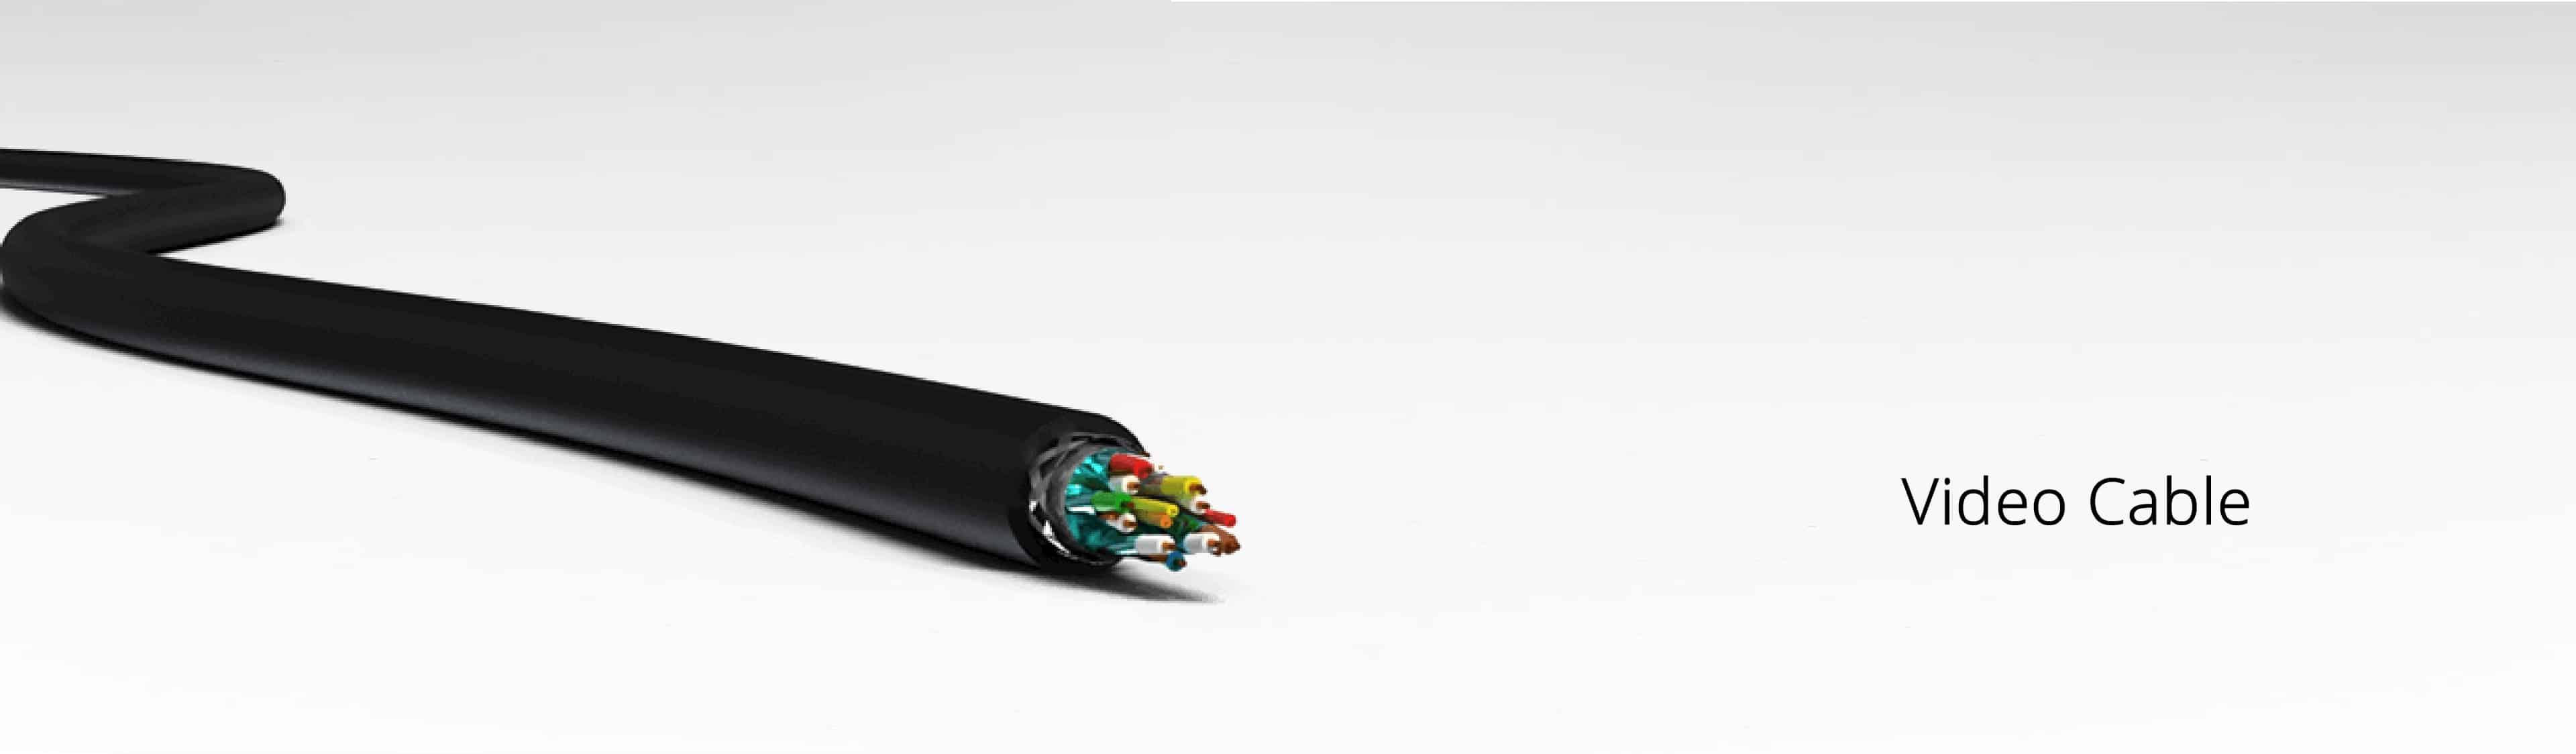 Procab Bulk Video Cable